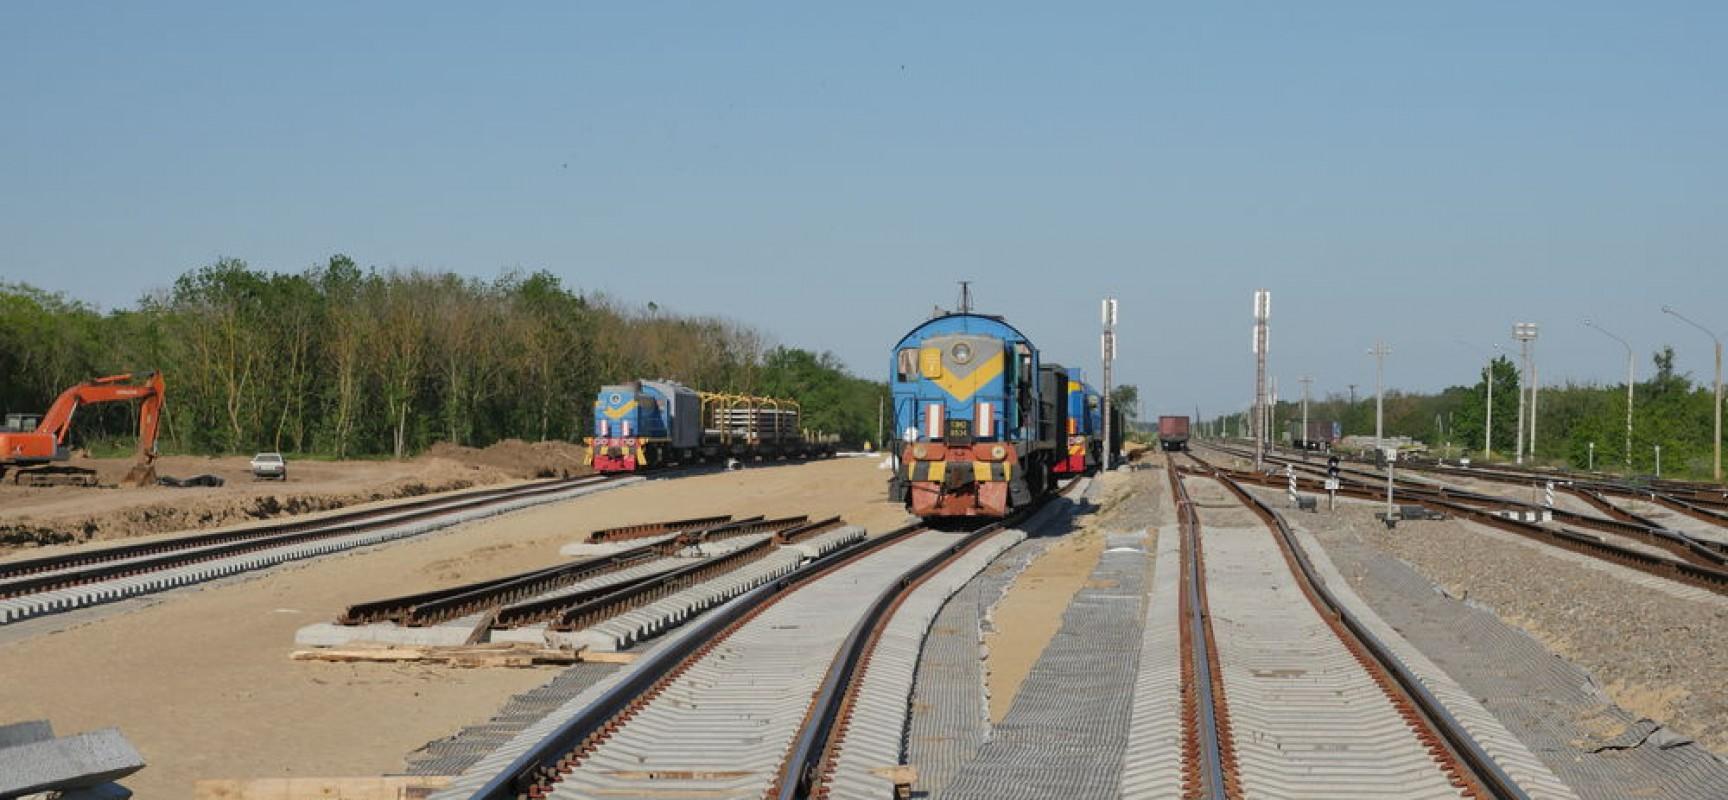 Новая железная дорога через Керченский пролив будет переправлять до 14 млн пассажиров в год